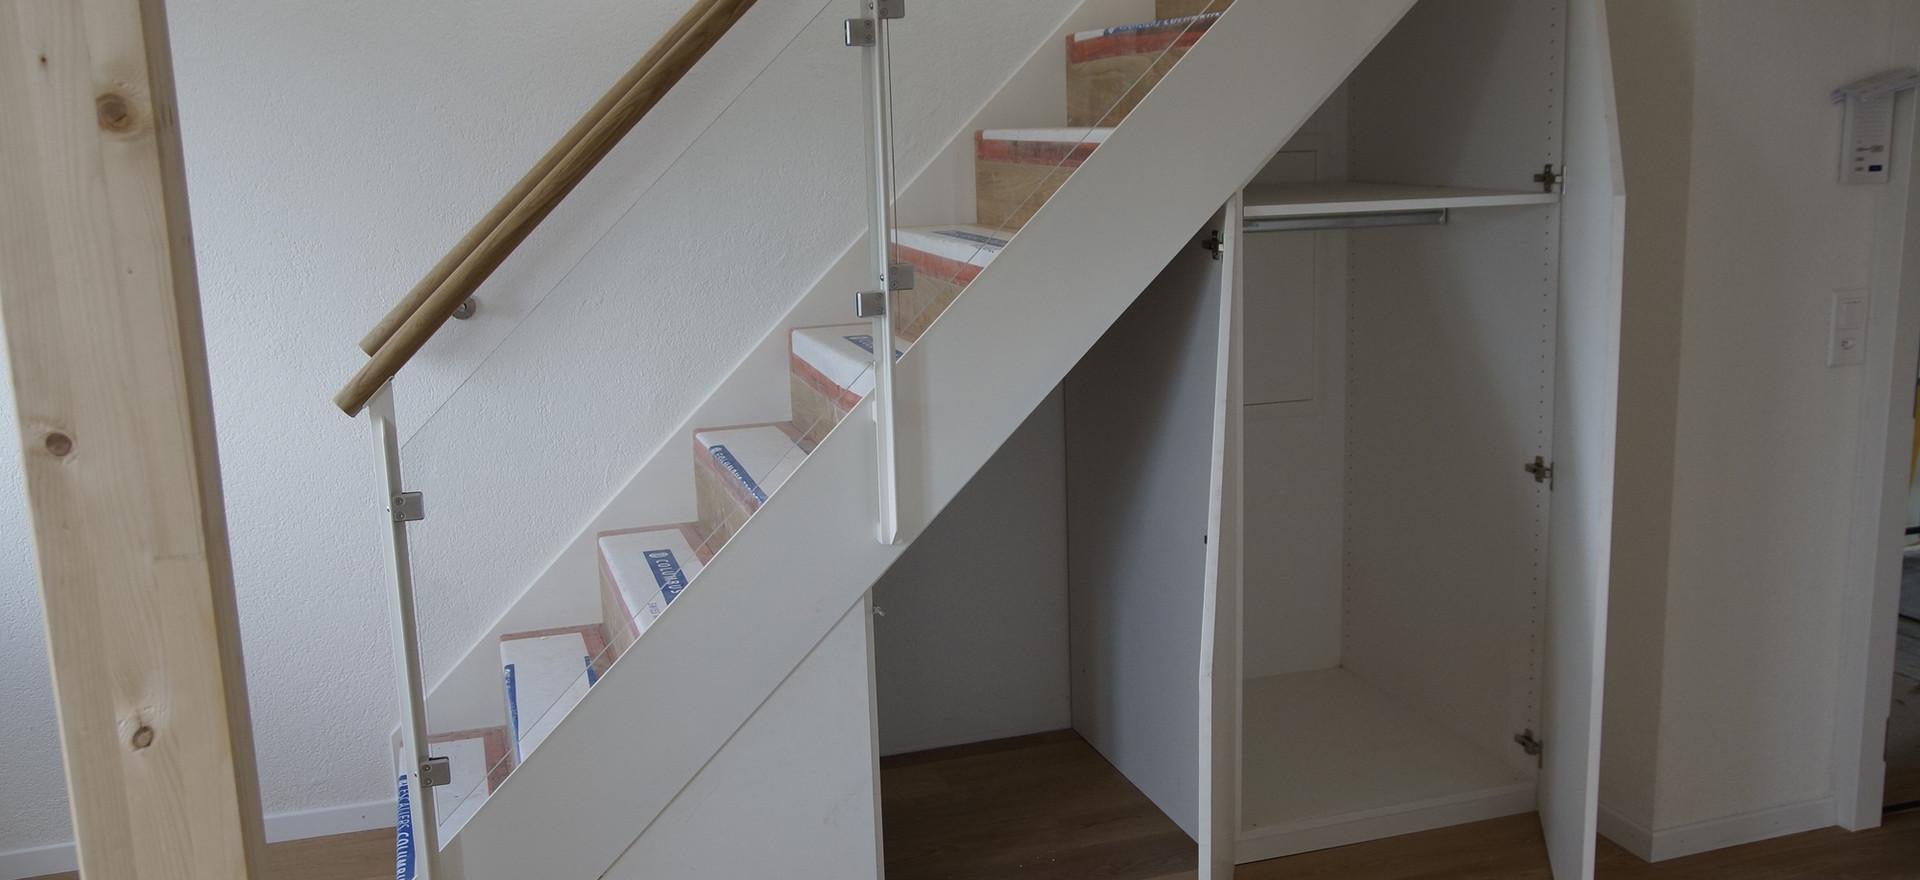 Schrank unter Treppe